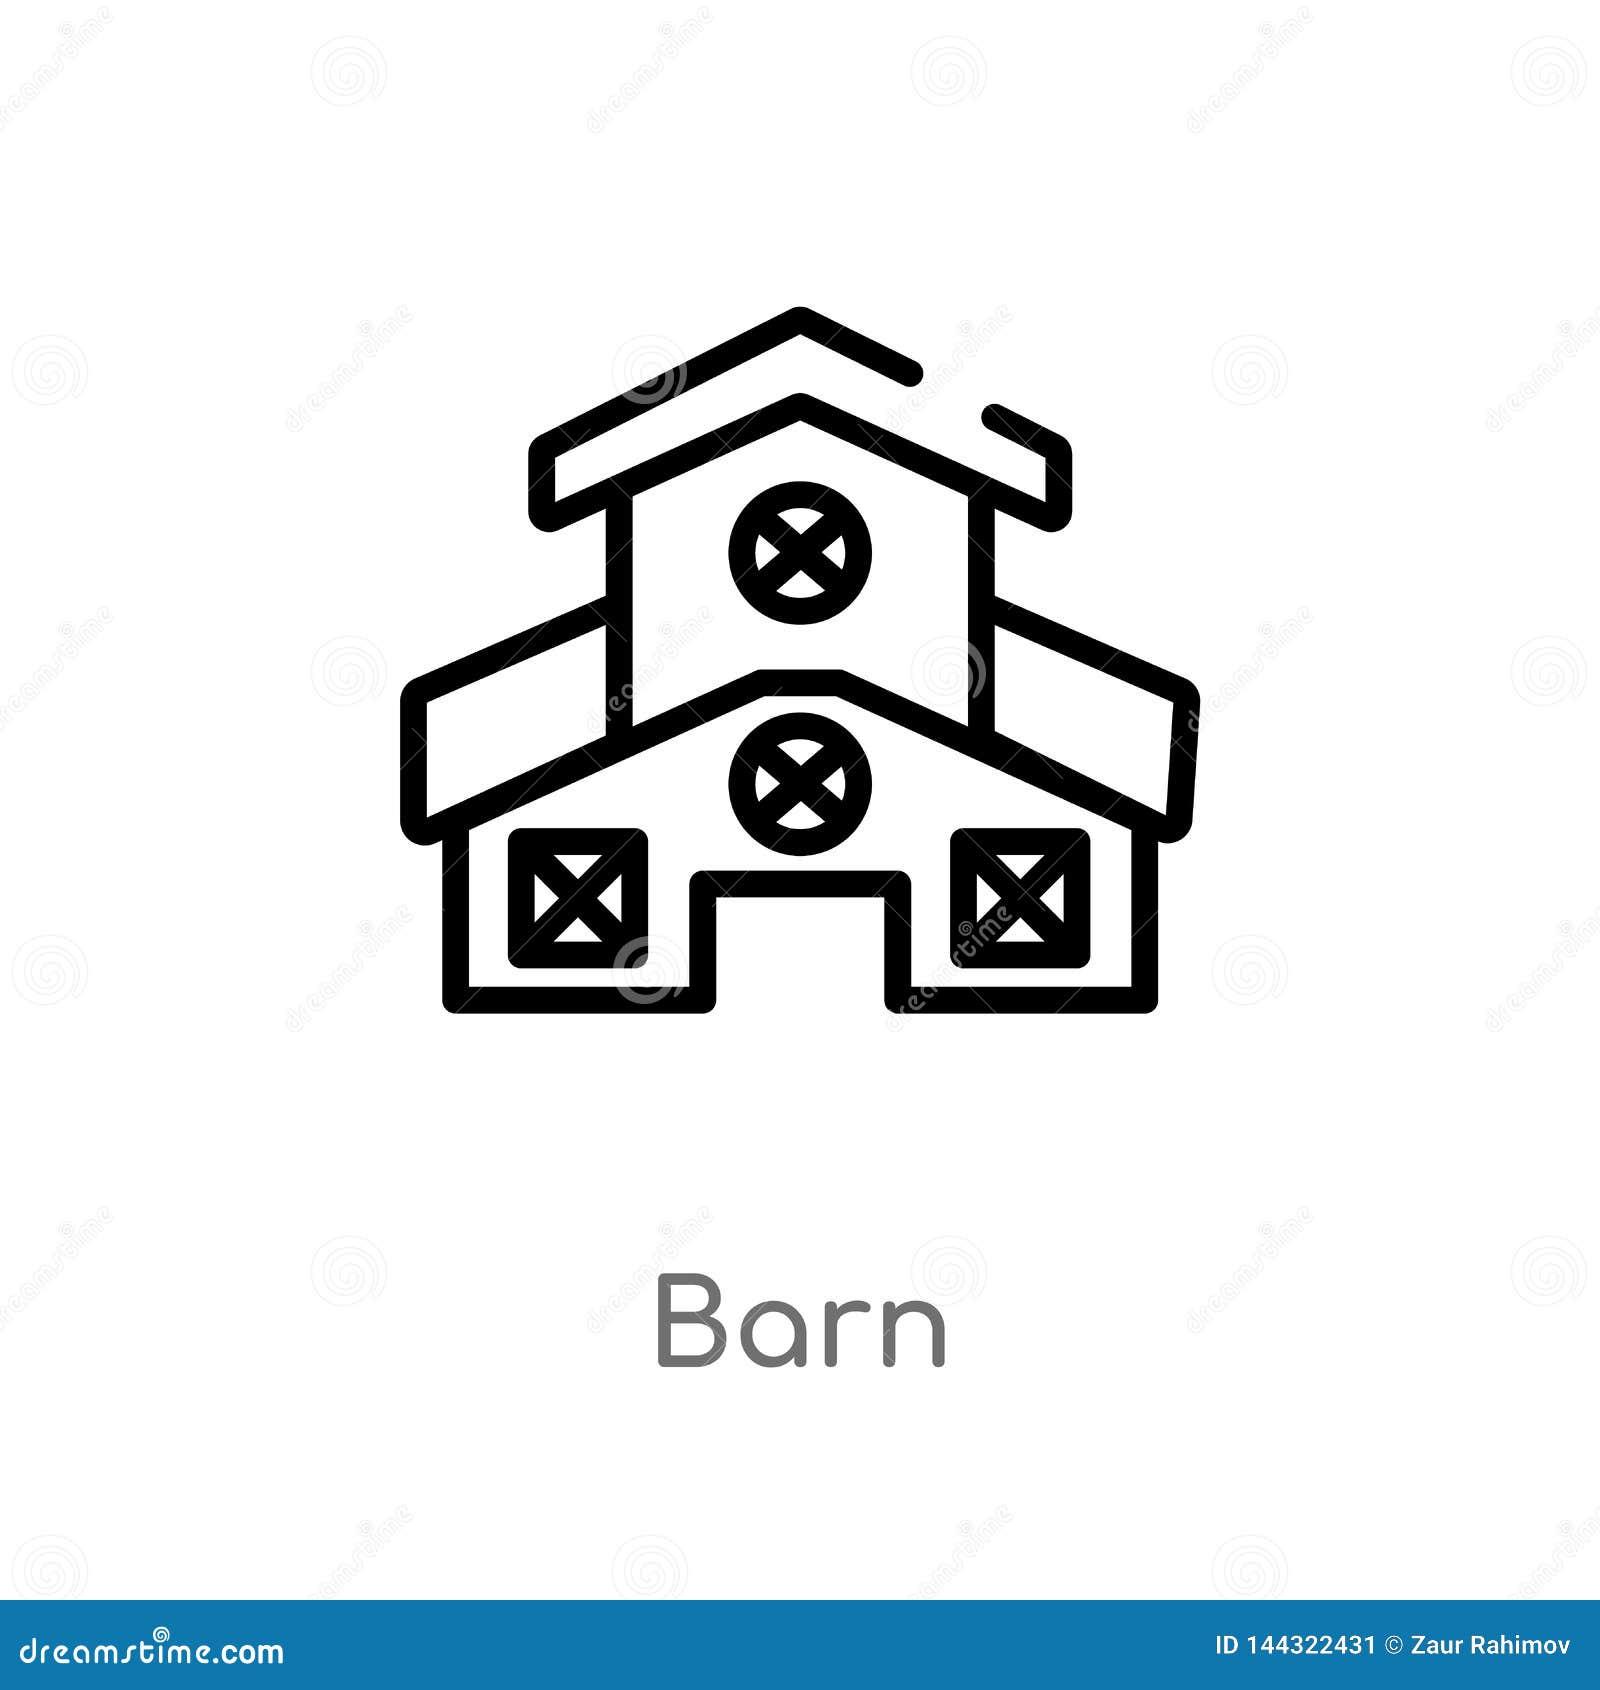 Kontur stajni wektoru ikona odosobniona czarna prosta kreskowego elementu ilustracja od uprawiać ziemię pojęcie editable wektorow